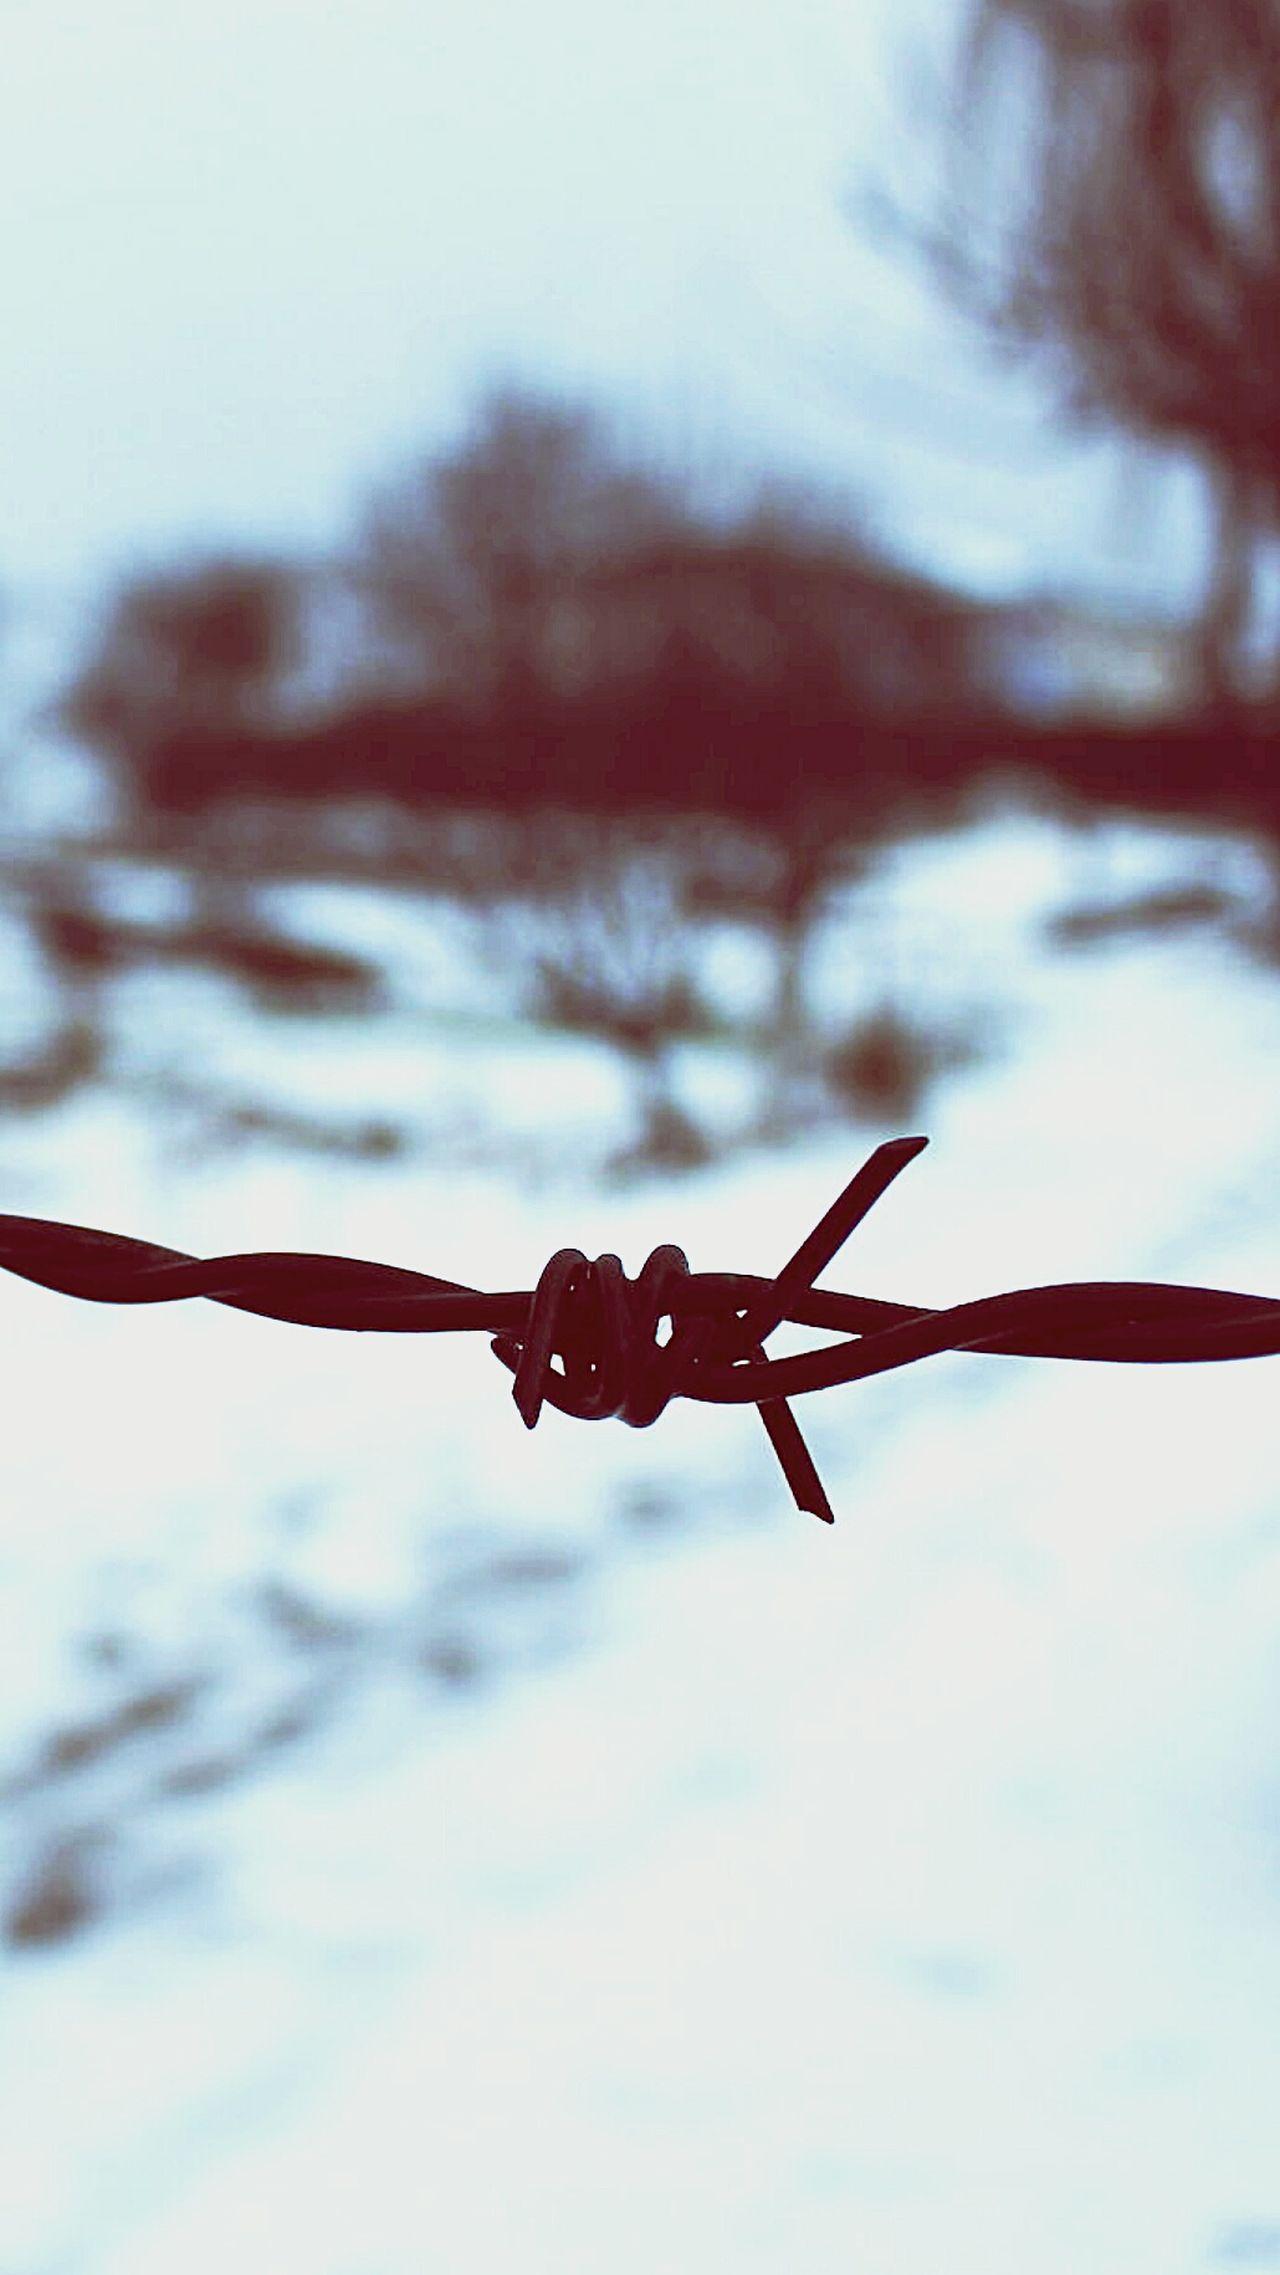 Barbed Wire Snow ❄ Snowbackground Blurred Background Blurred Photos. Blurredbackground Blurred Vision